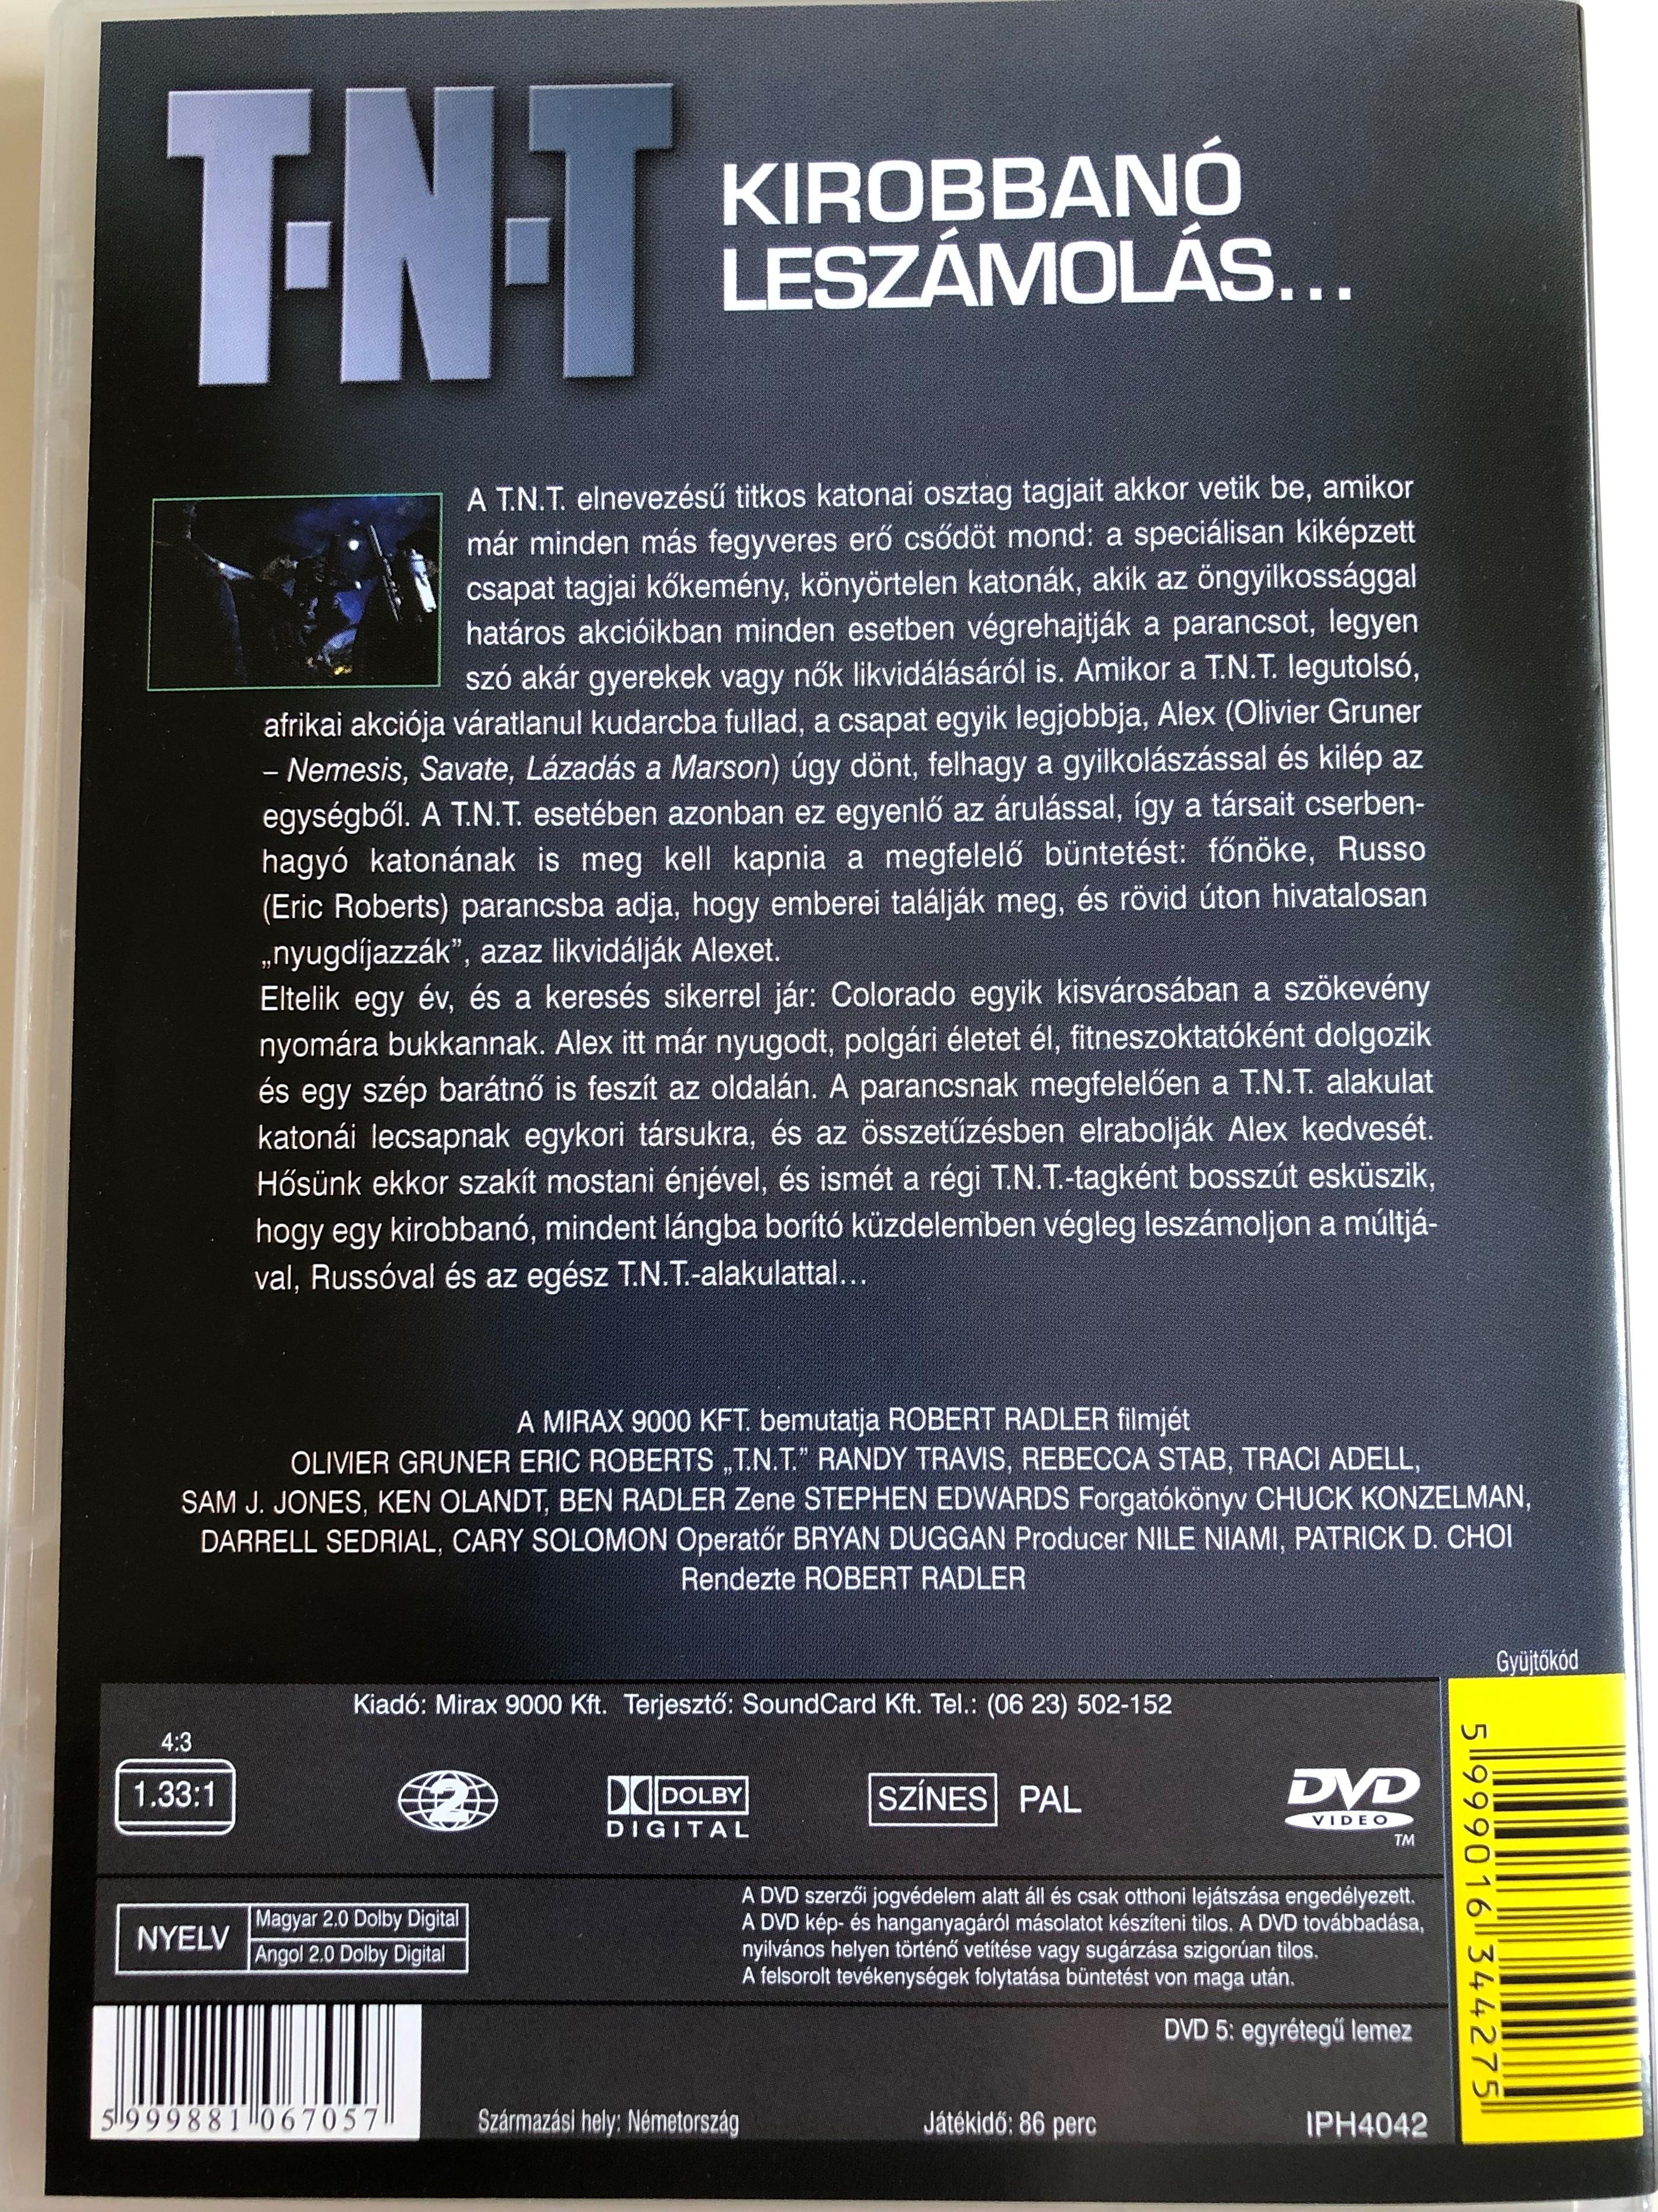 t.n.t-dvd-1998-directed-by-robert-radler-starring-olivier-gruner-eric-roberts-randy-travis-rebecca-stab-2-.jpg